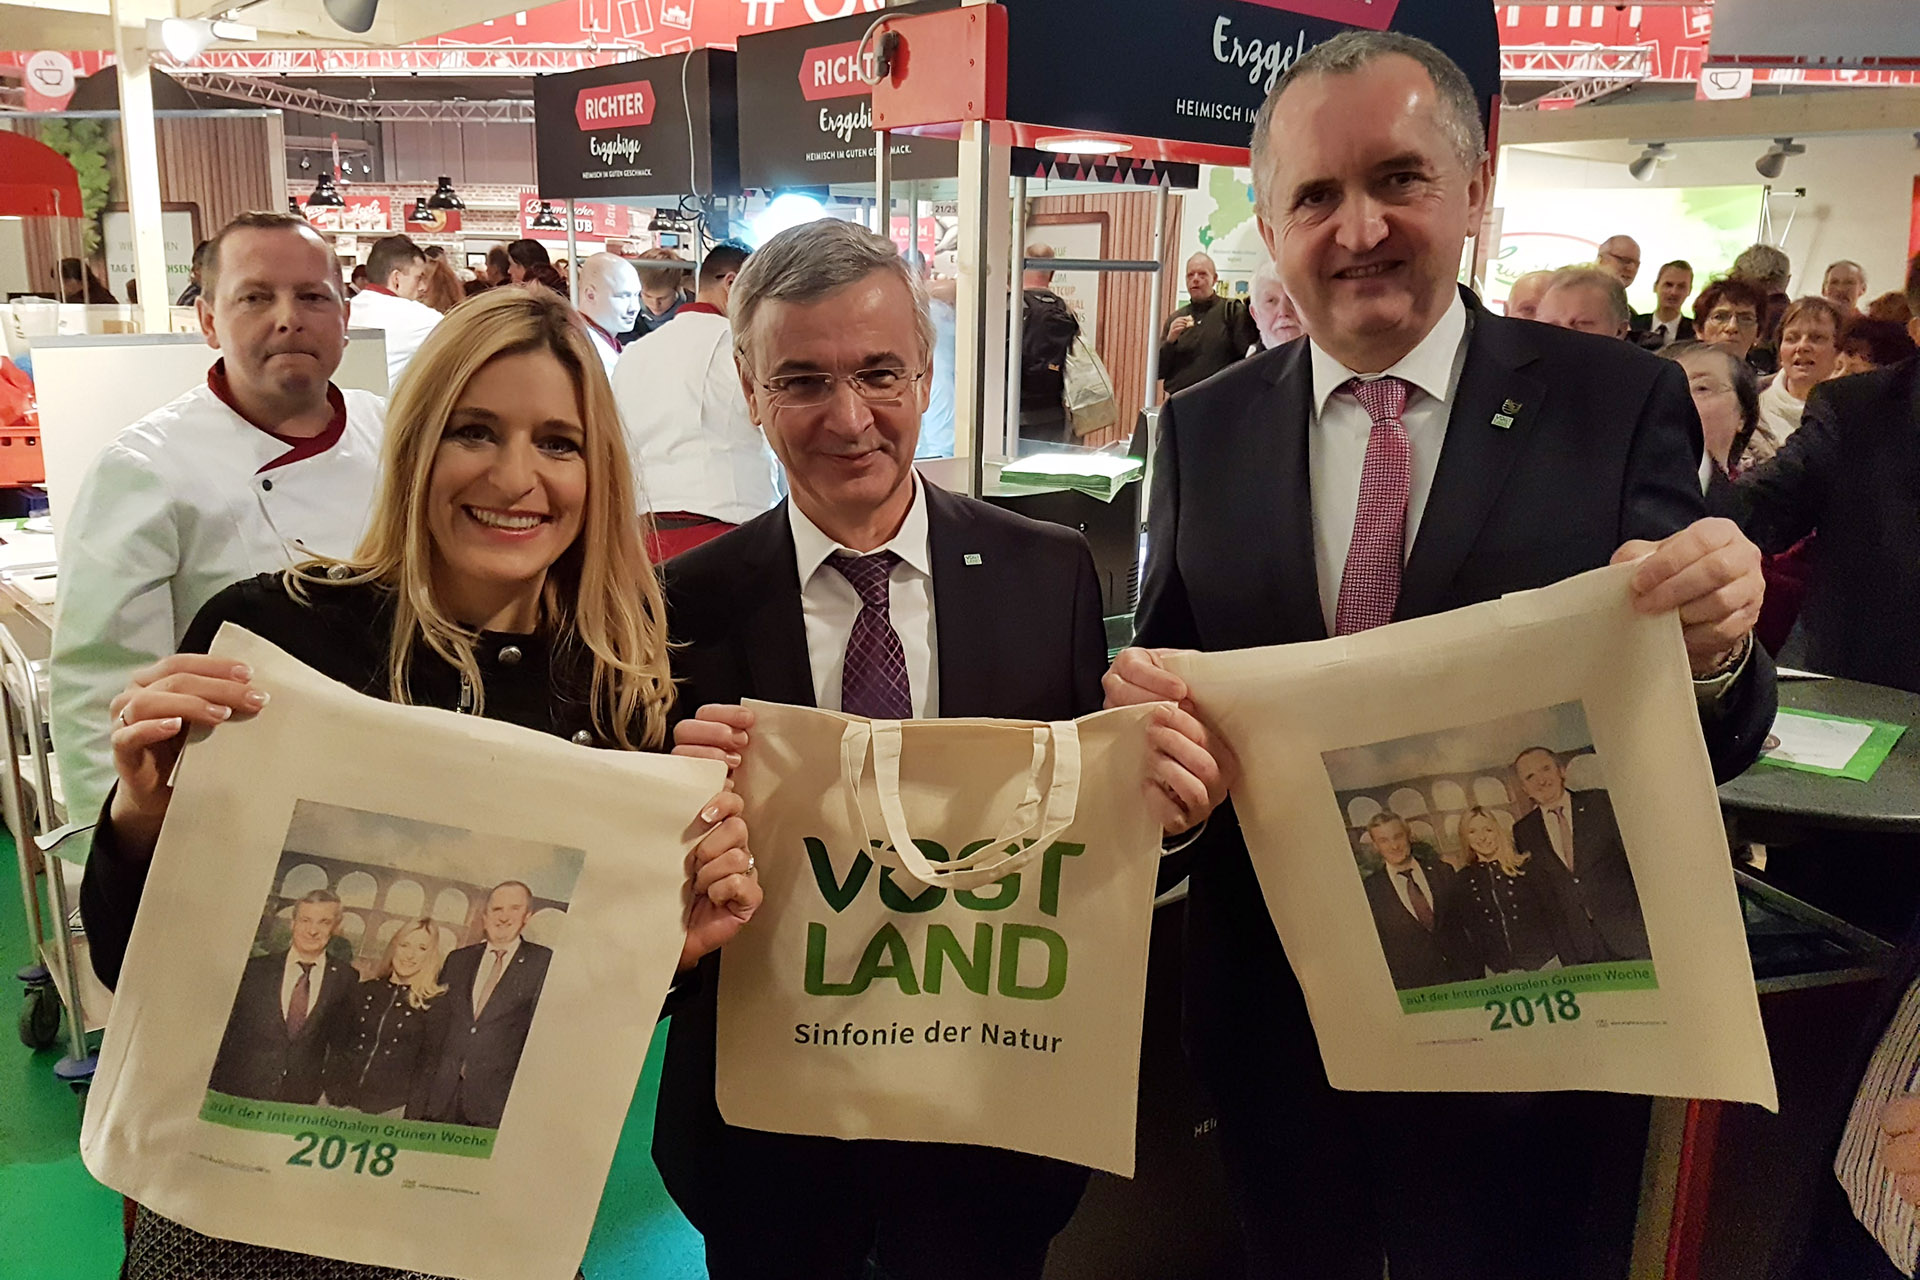 Internationale Grüne Woche: Vogtland stellt sich als Partnerregion des sächsischen Ländertages vor